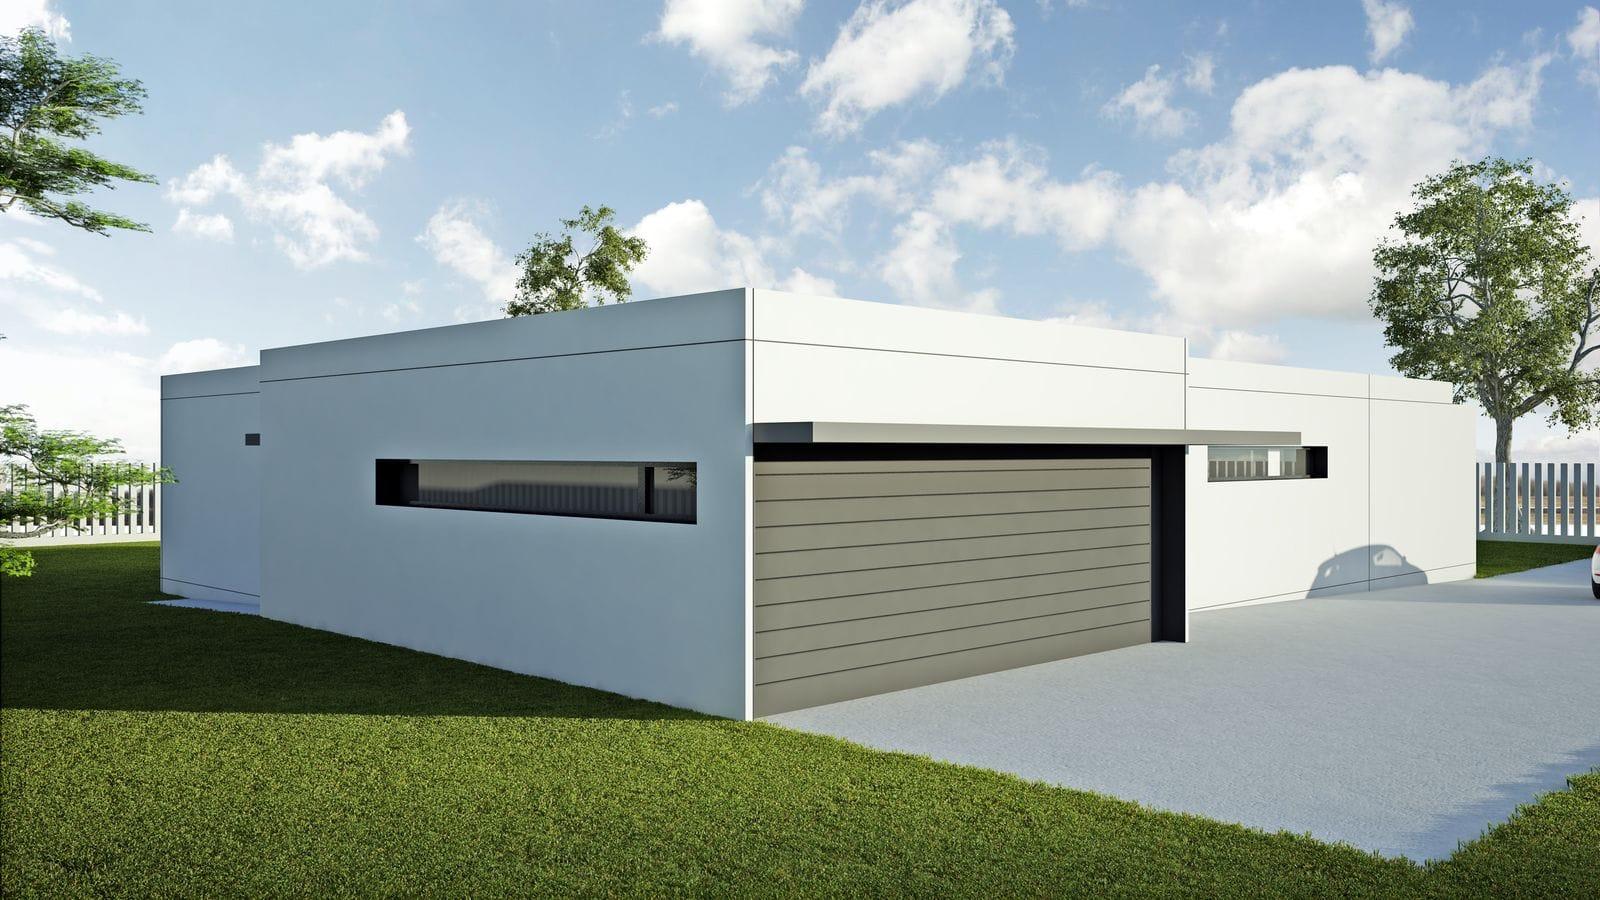 Modelo ht4 vivienda prefabricada en hormig n hormitech - Vivienda prefabricada hormigon ...